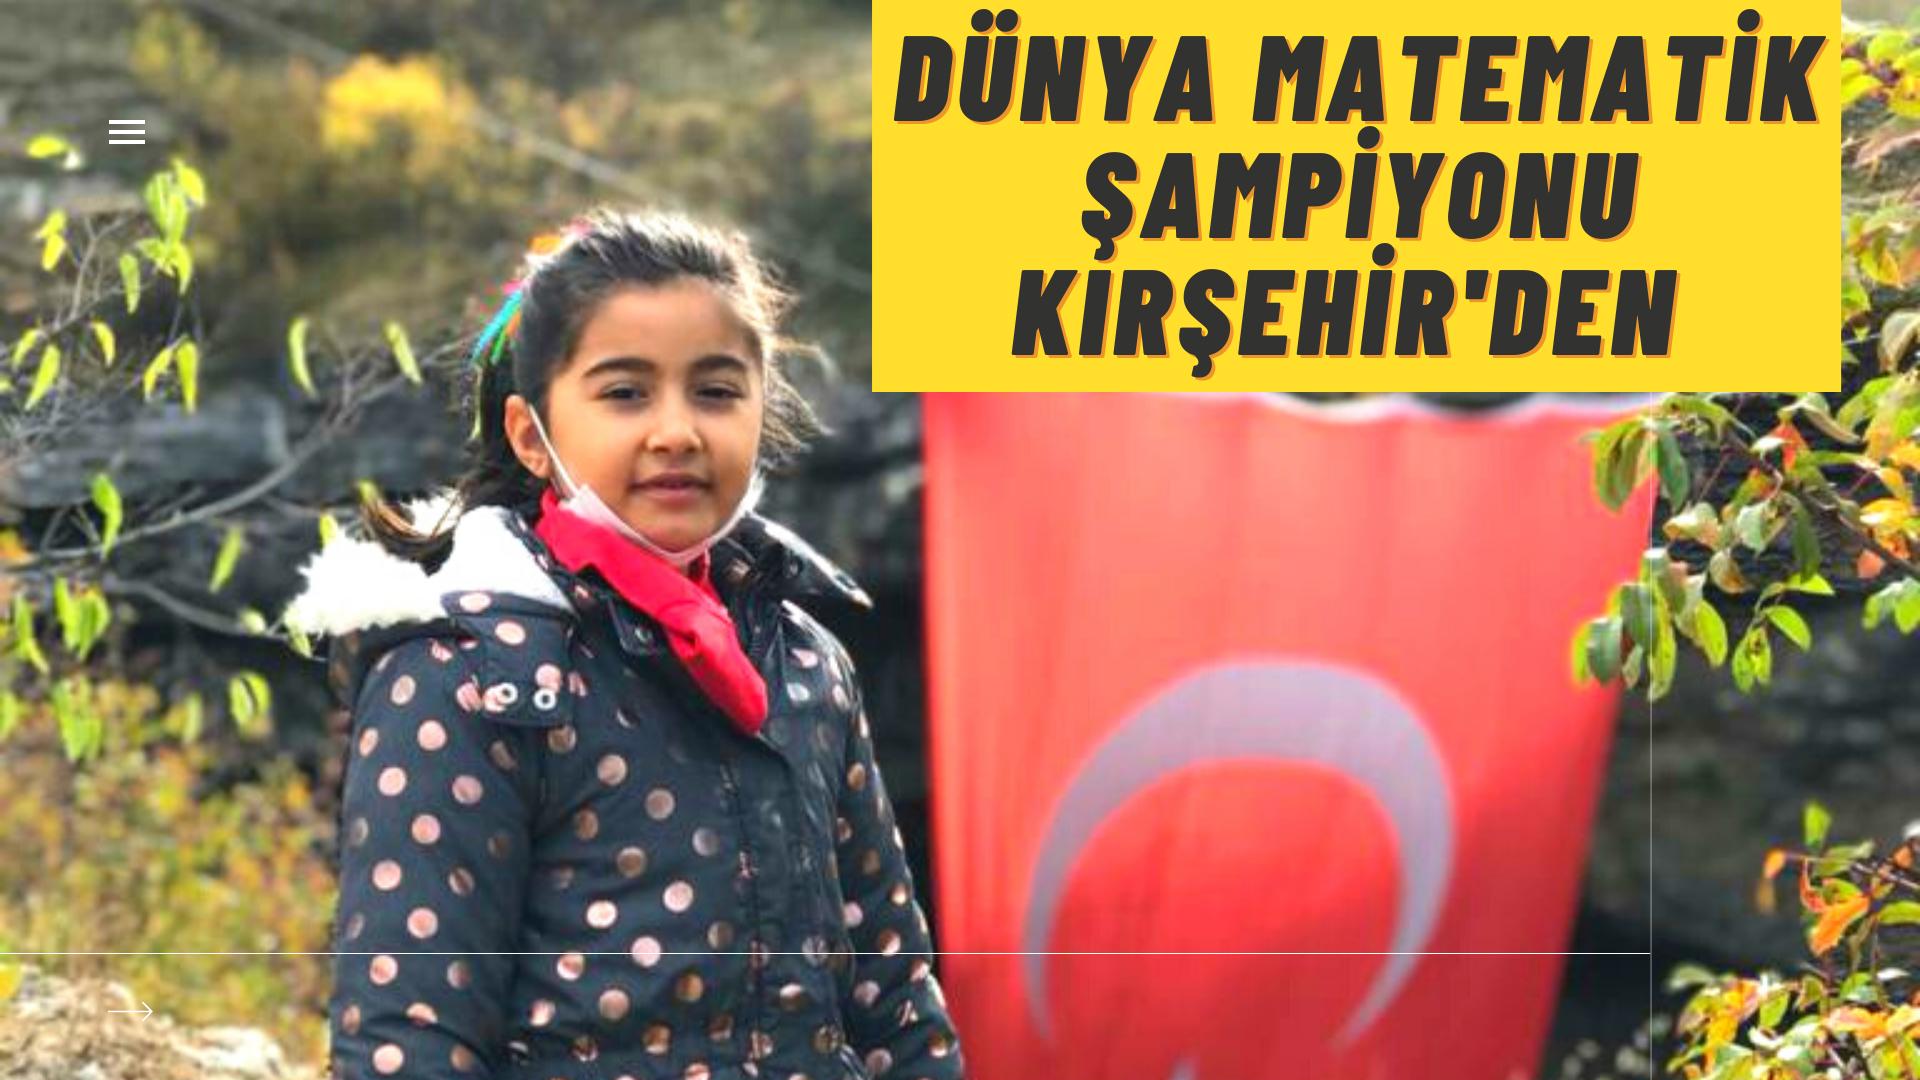 Dünya matematik şampiyonu Kırşehir'den